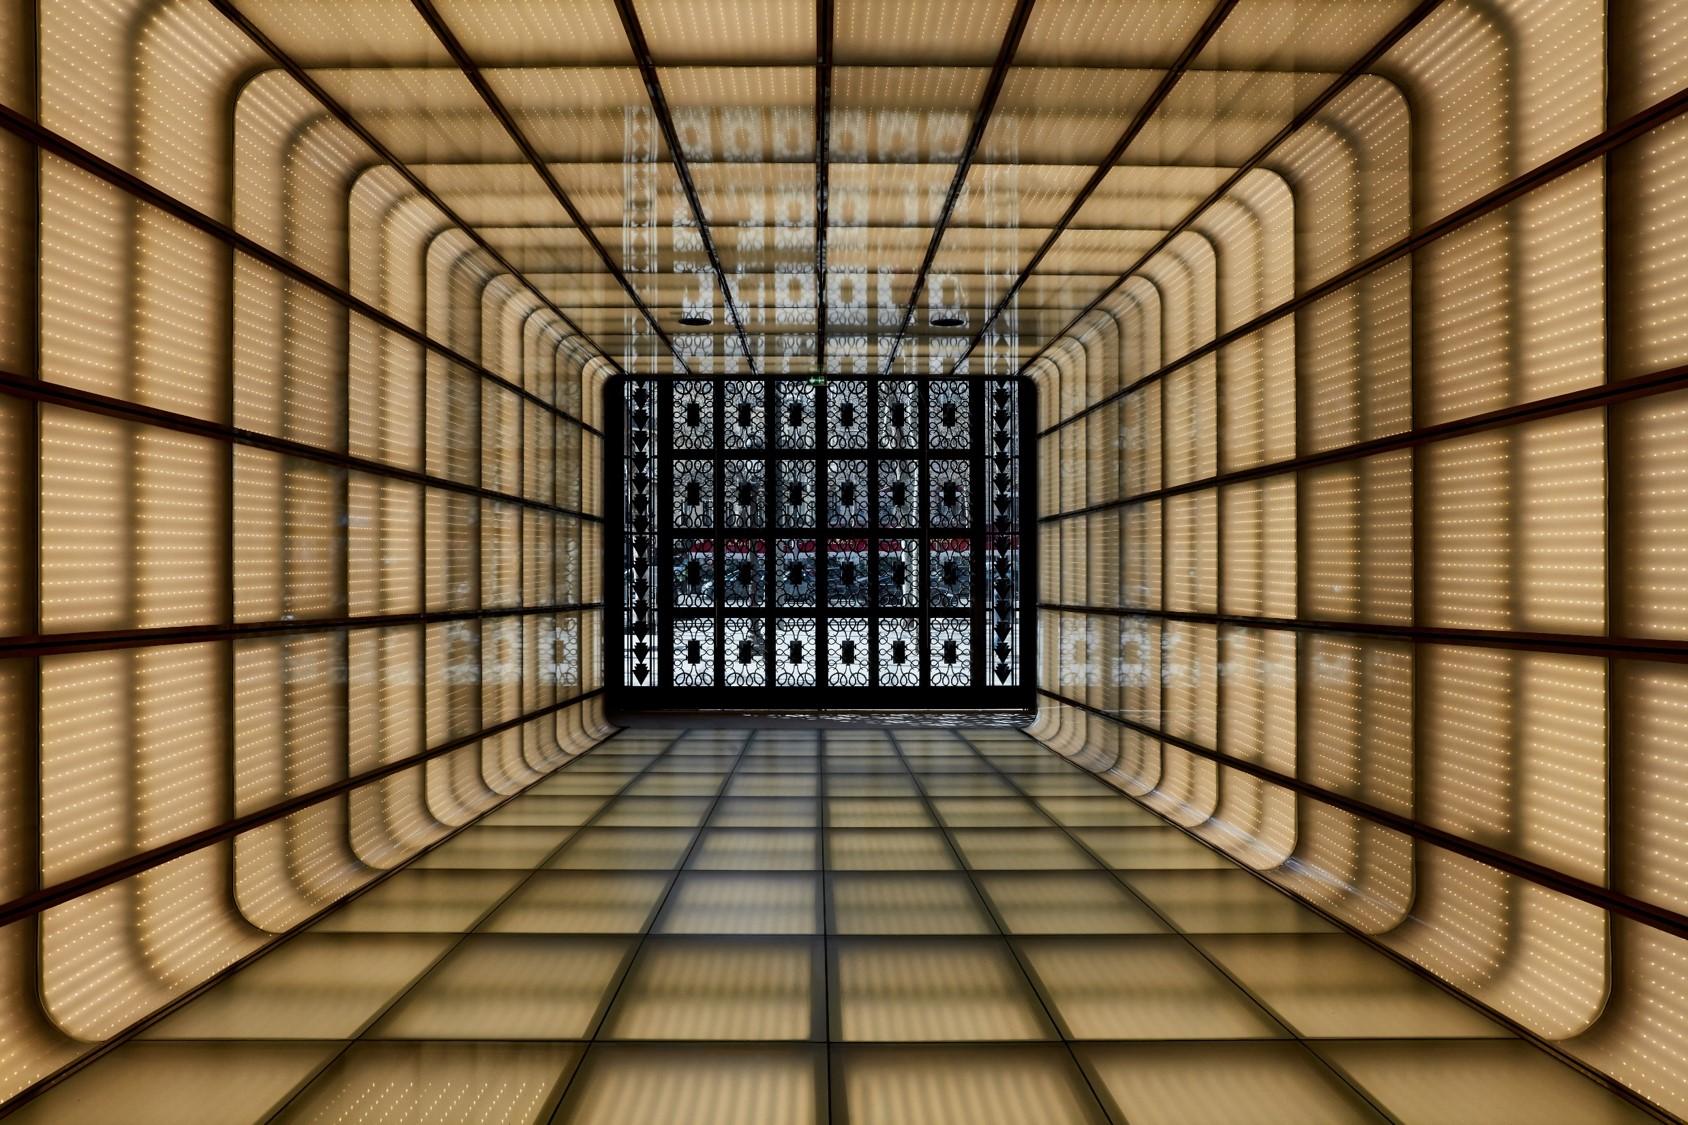 Galeries Lafayette Champs_Elysées Tunnel d'entrée (c) Matthieu Salvaing - avril 2019.jpg